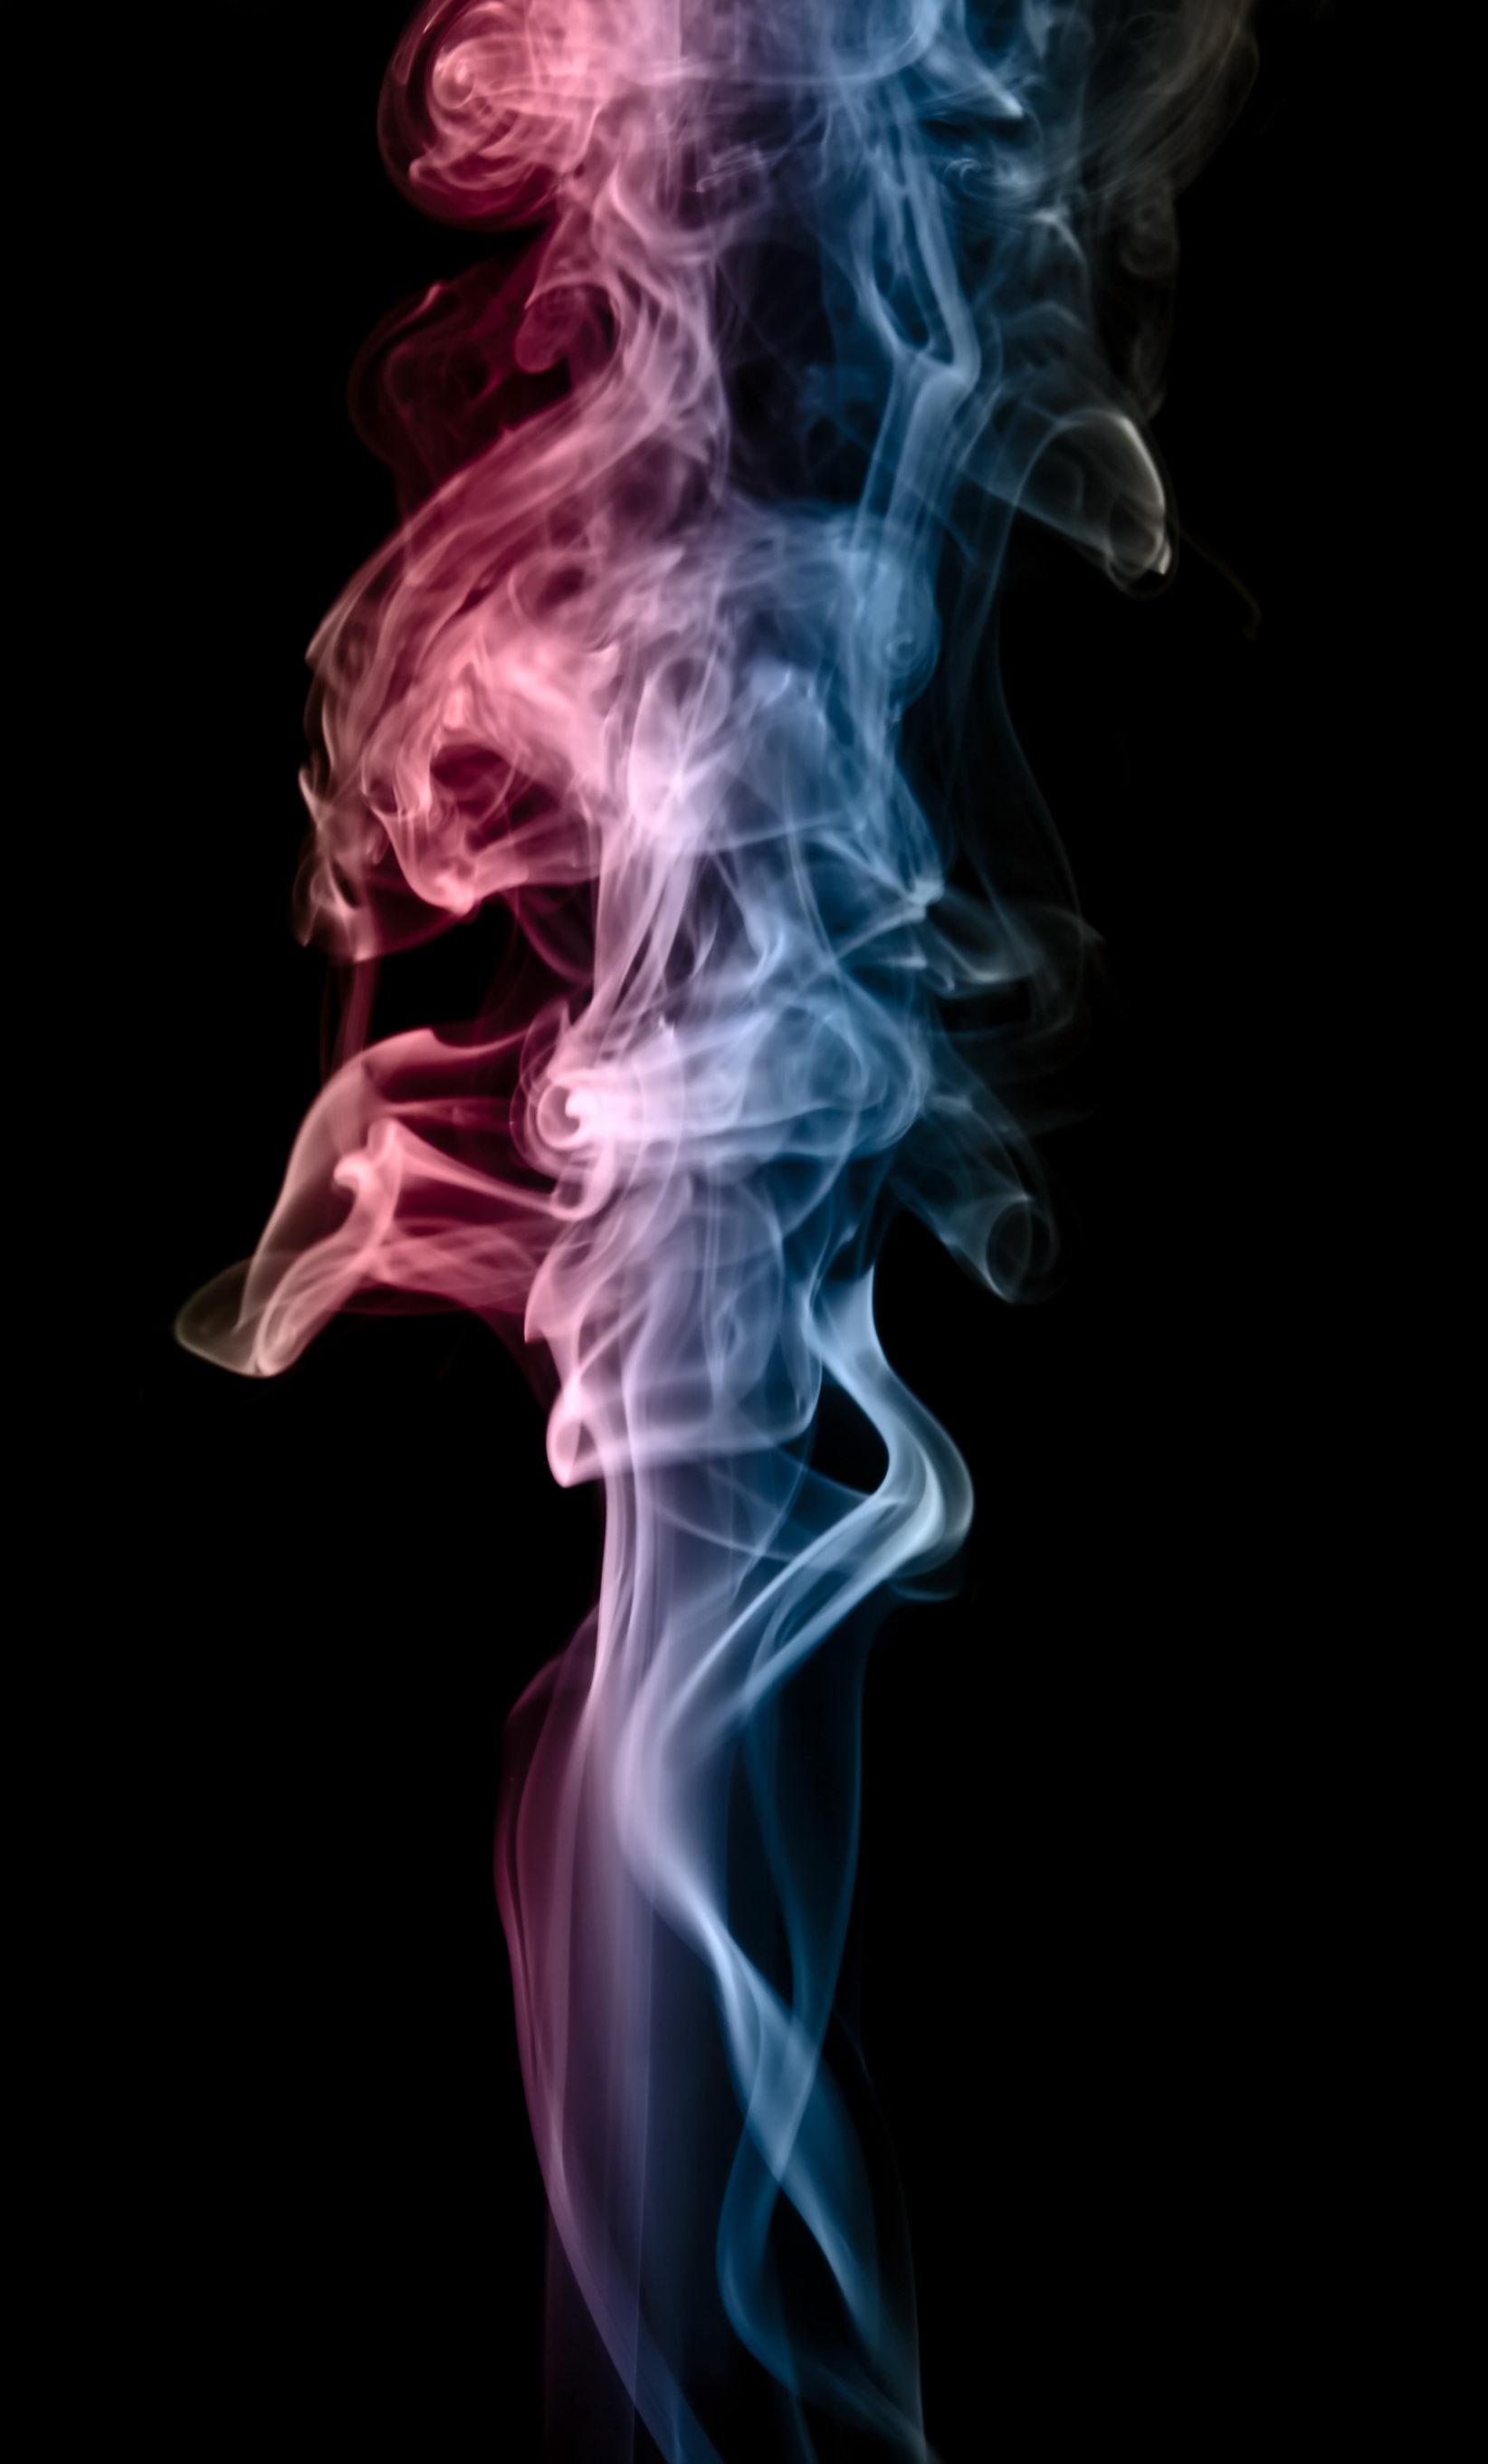 Как сделать портретное на фоне дыма